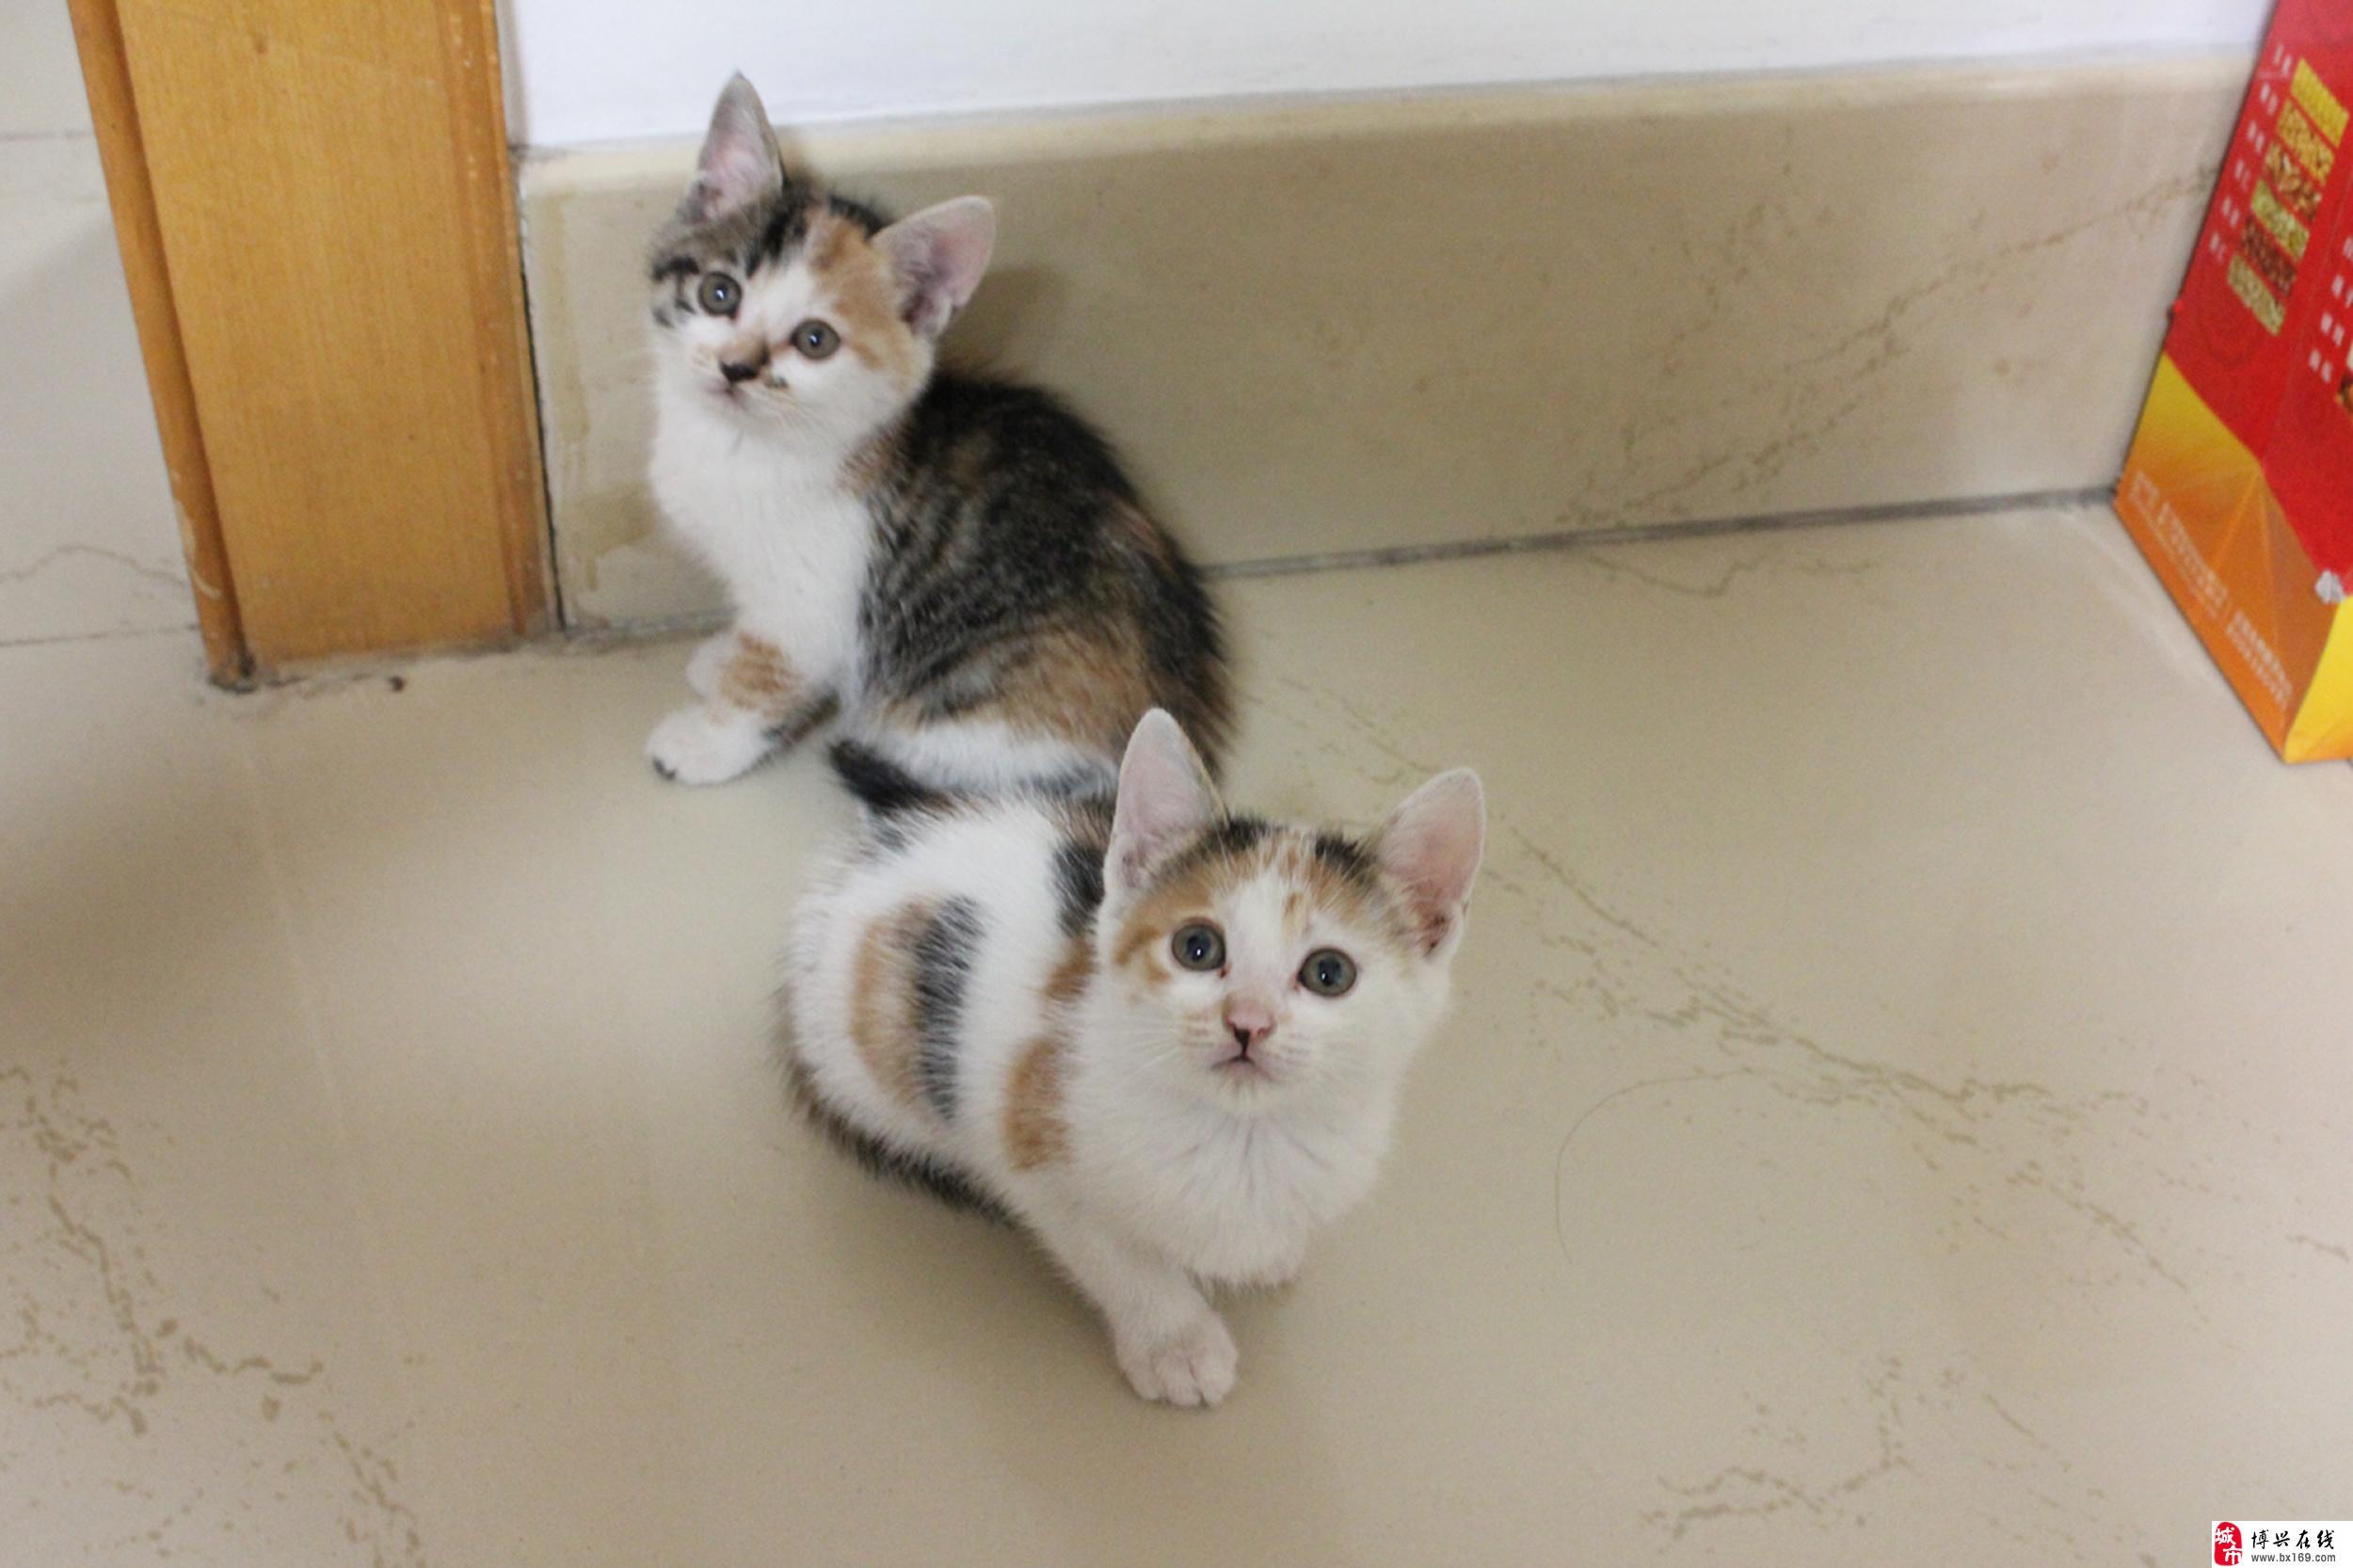 两只小猫均活泼可爱,能吃猫粮